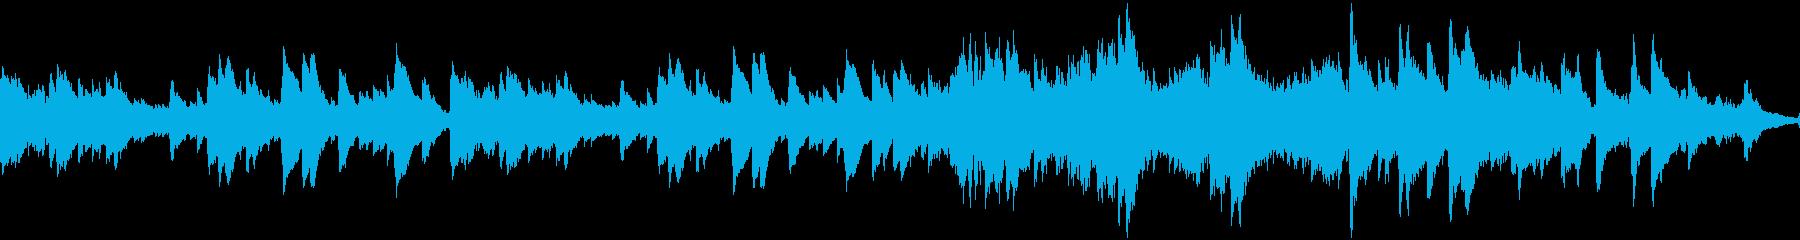 チェレスタの切ない小曲・ループの再生済みの波形